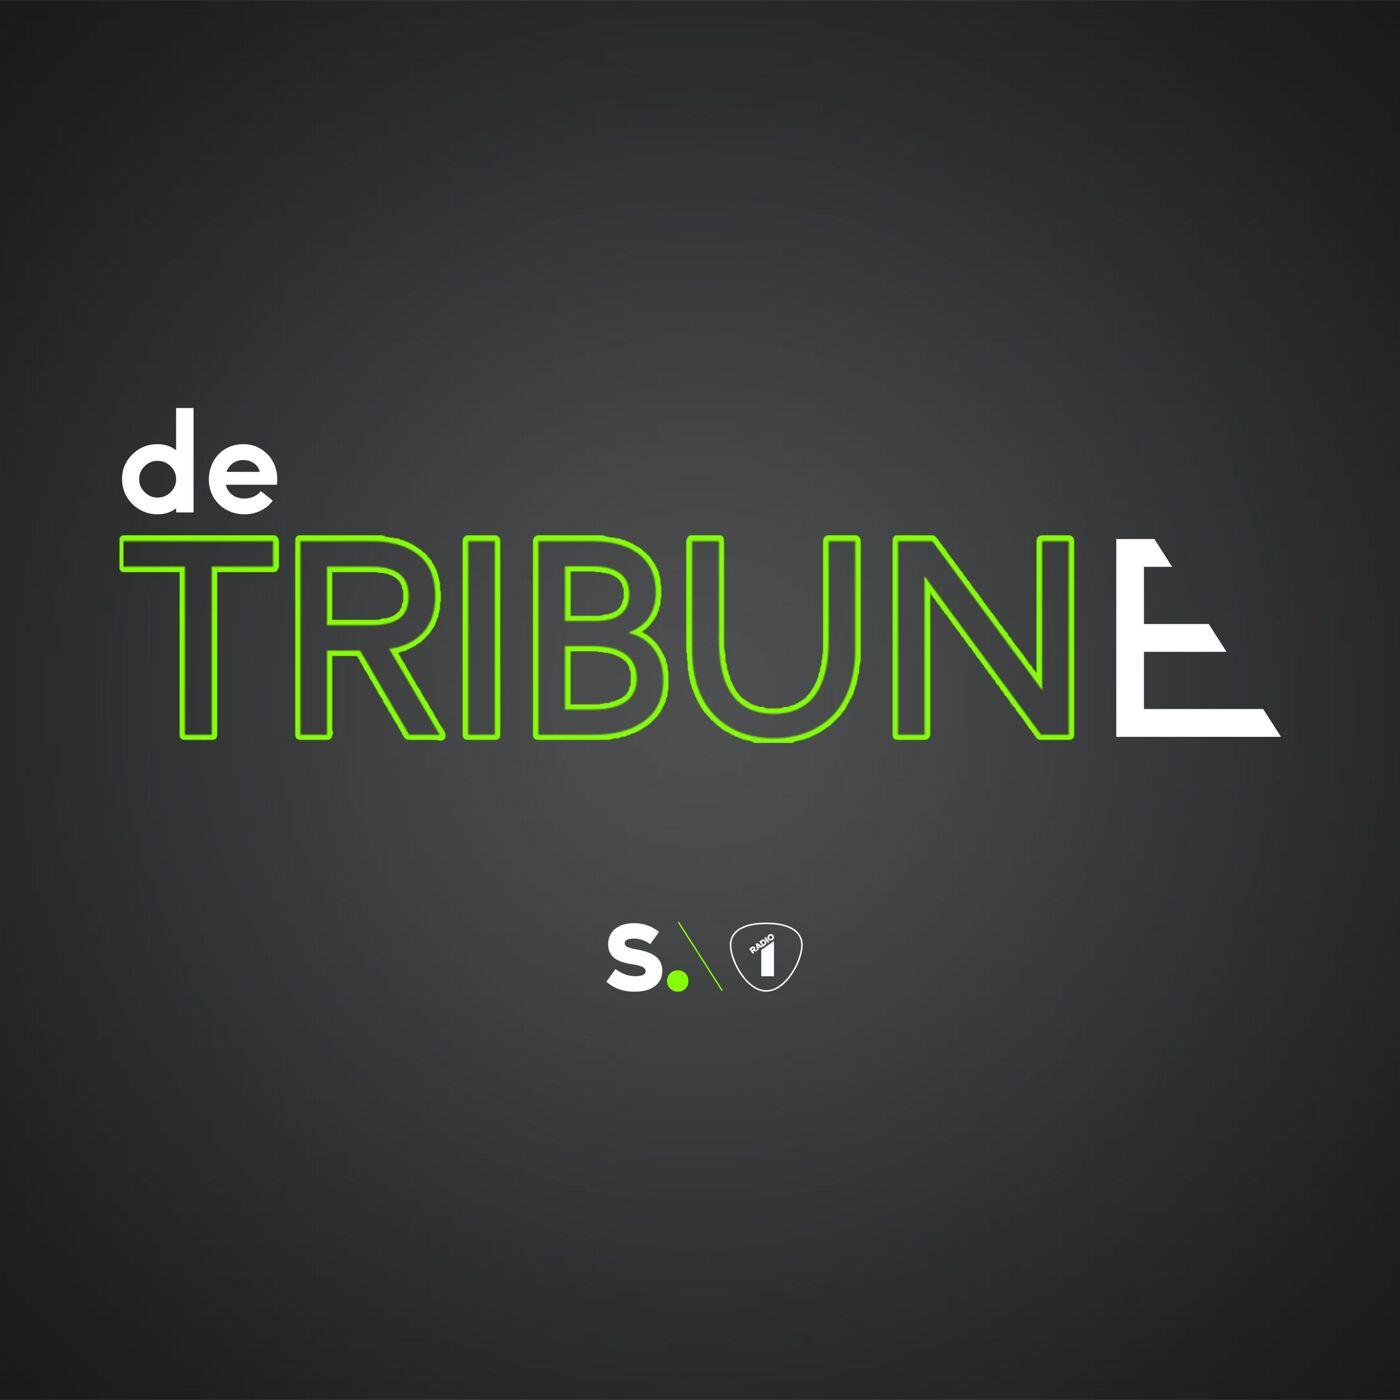 De Tribune logo